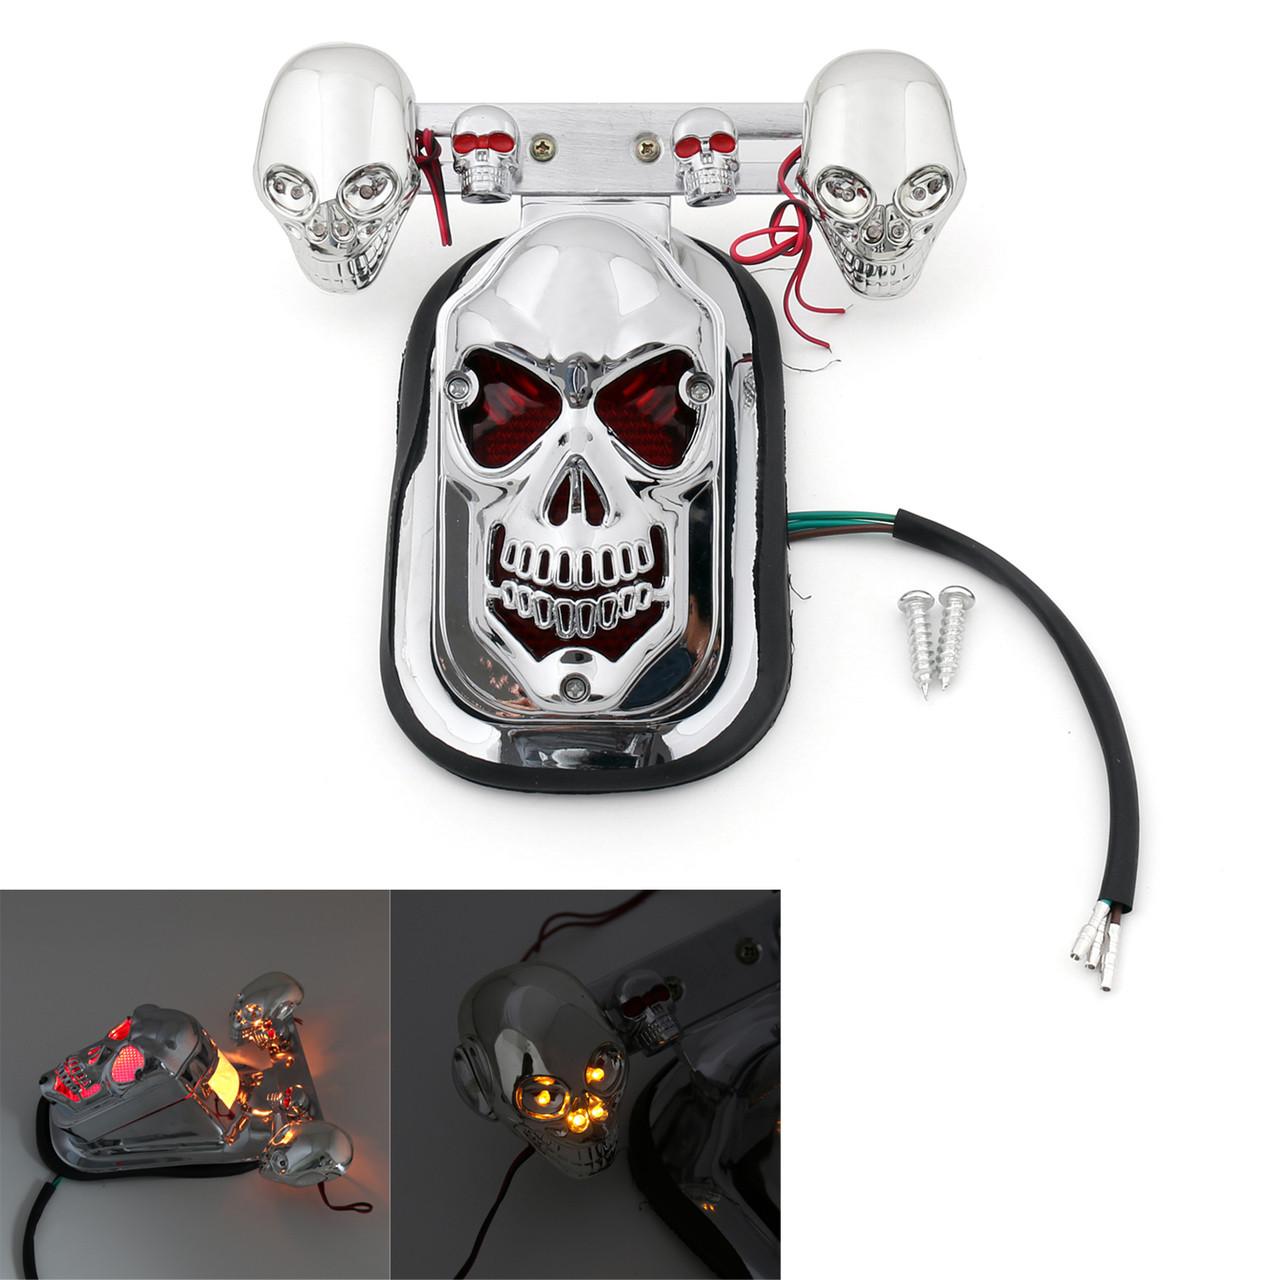 http://www.madhornets.store/AMZ/MotoPart/Taillight/TL-305/TL-305-Chrome-1.jpg